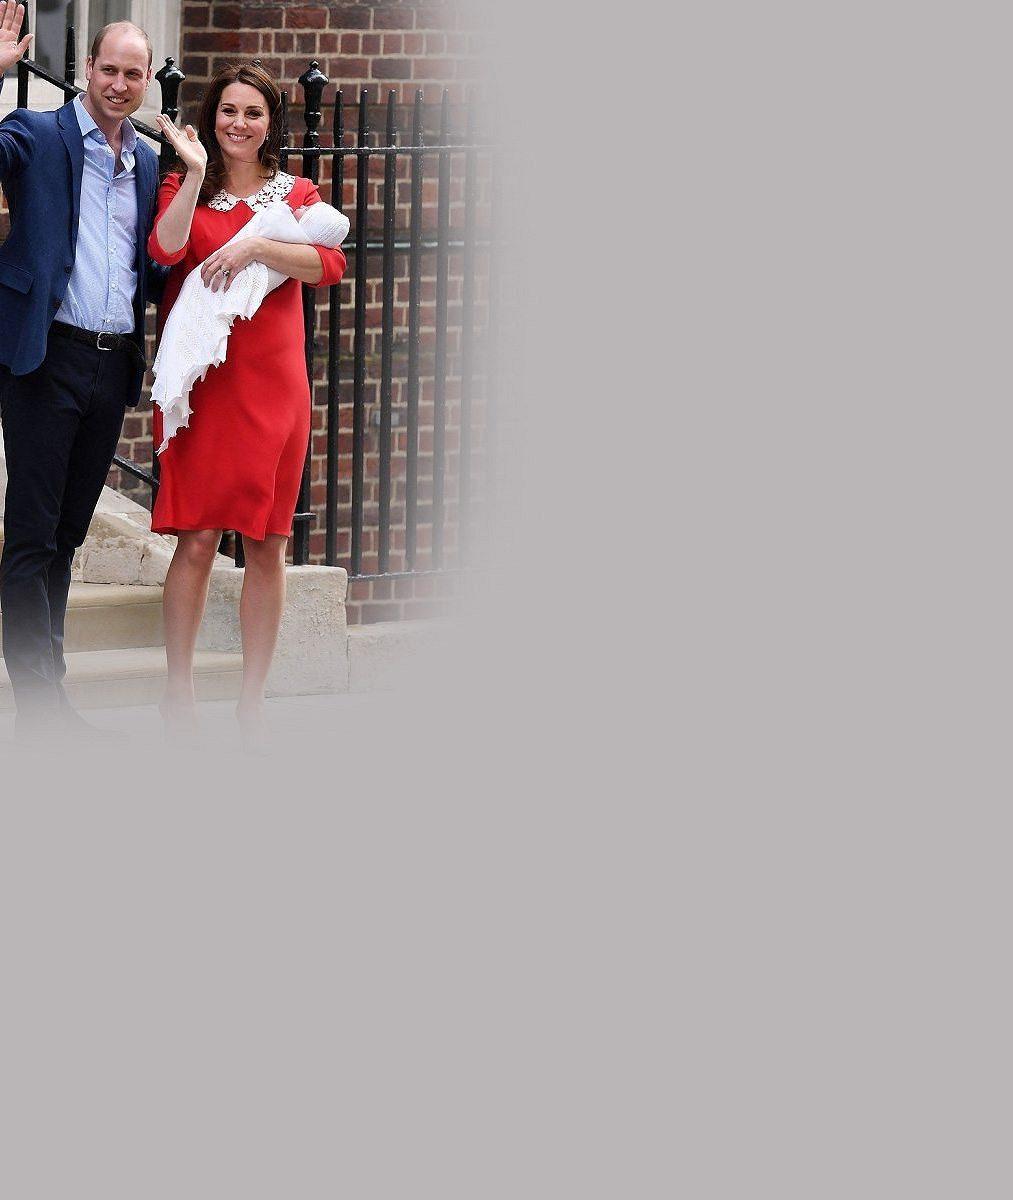 Chodící královská roztomilost: Mrkněte, jak se na sourozence přišli podívat princeznička Charlotte a princ George